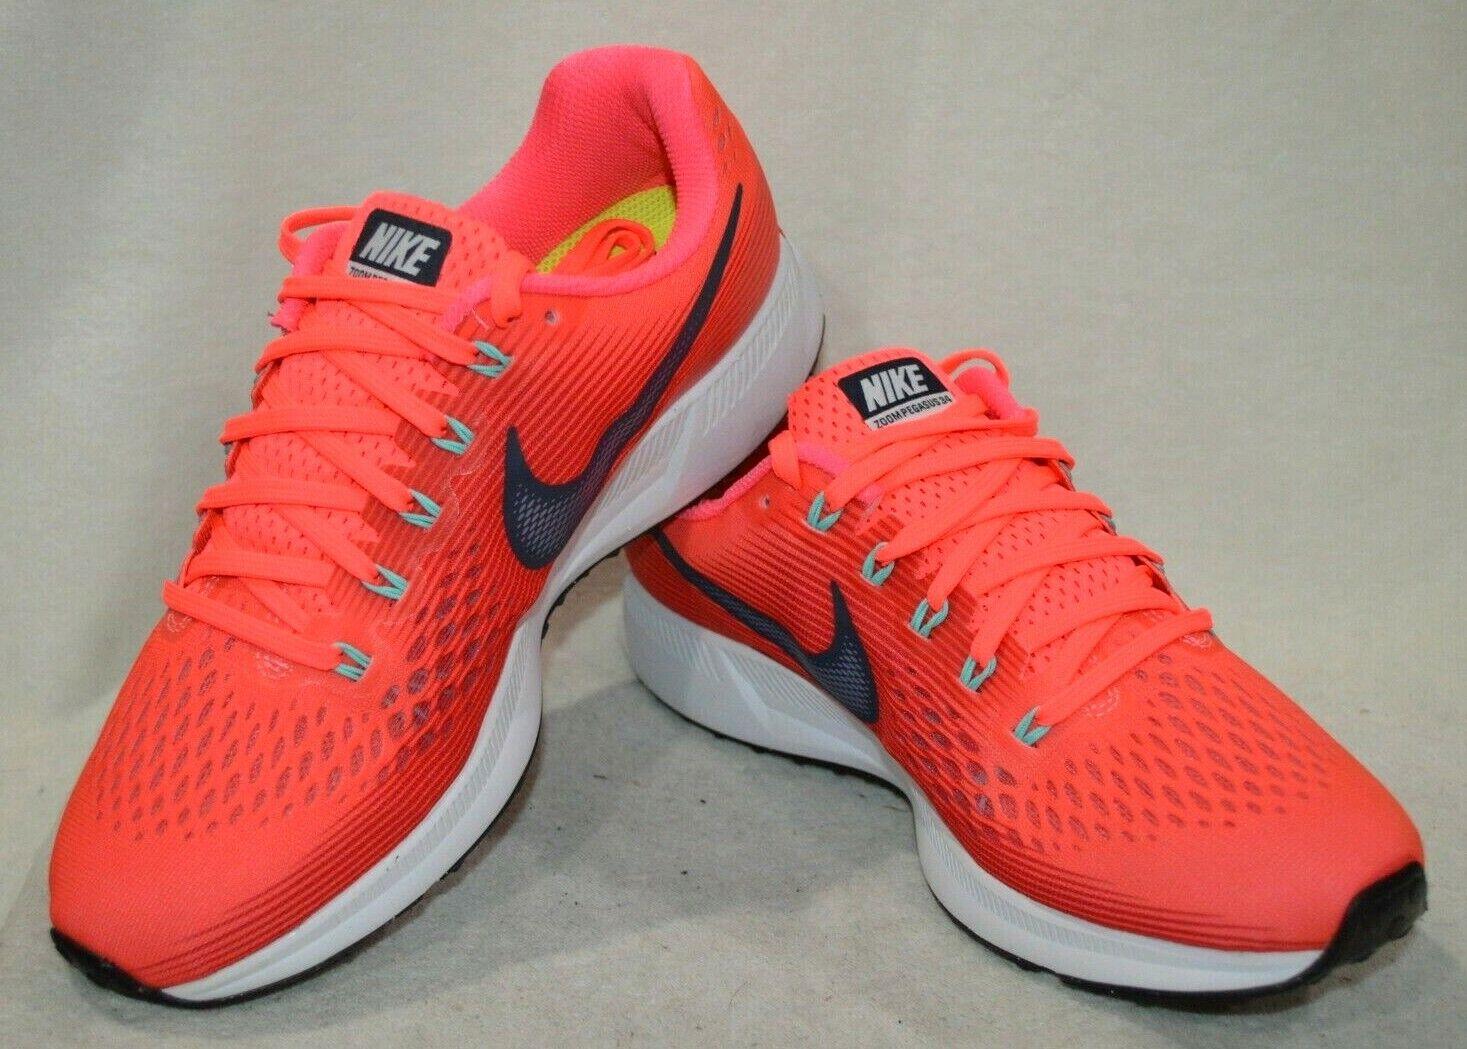 Nike  Air Zoom Pegasus 34 Hot Punch  T -blu Wouomo Running scarpe -Asst Dimensiones NWB  buona reputazione